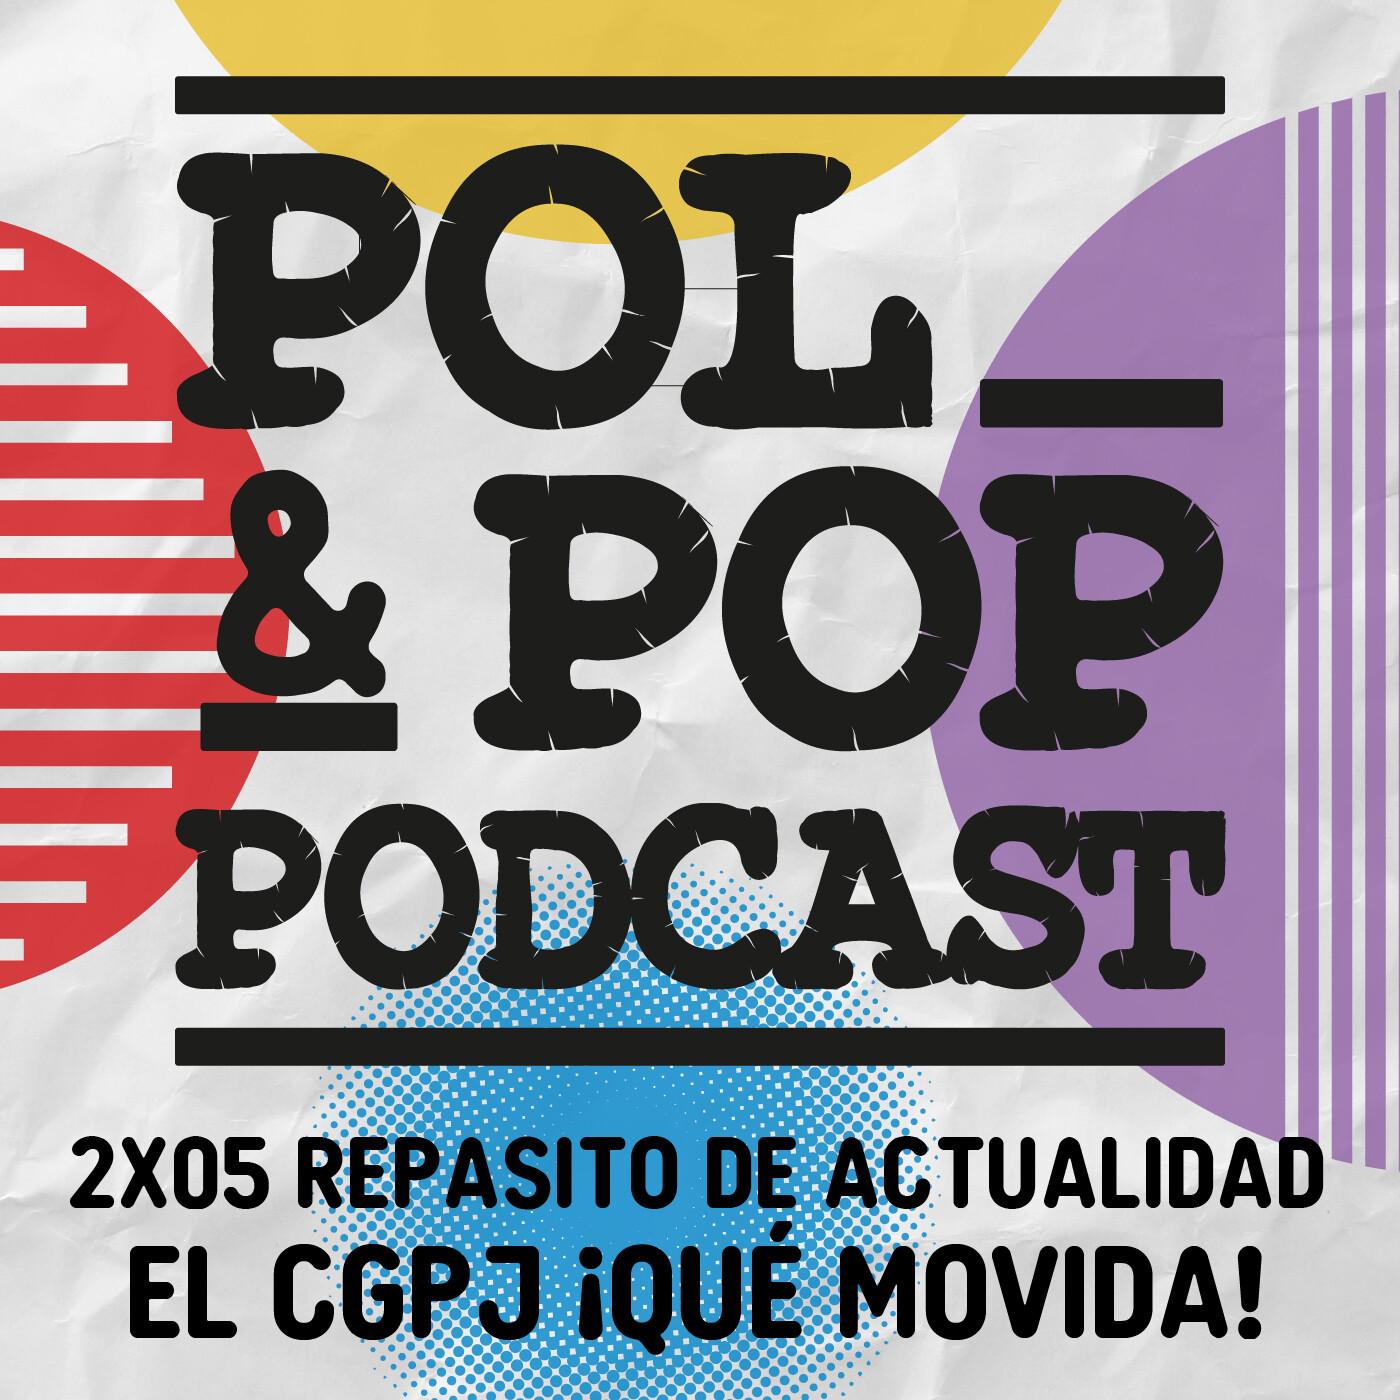 Pol&Pop 2×05 | Repasito de actualidad: el CGPJ ¡qué movida!|Actualidad COVID|Crisis Monarquía|Conflicto China-India